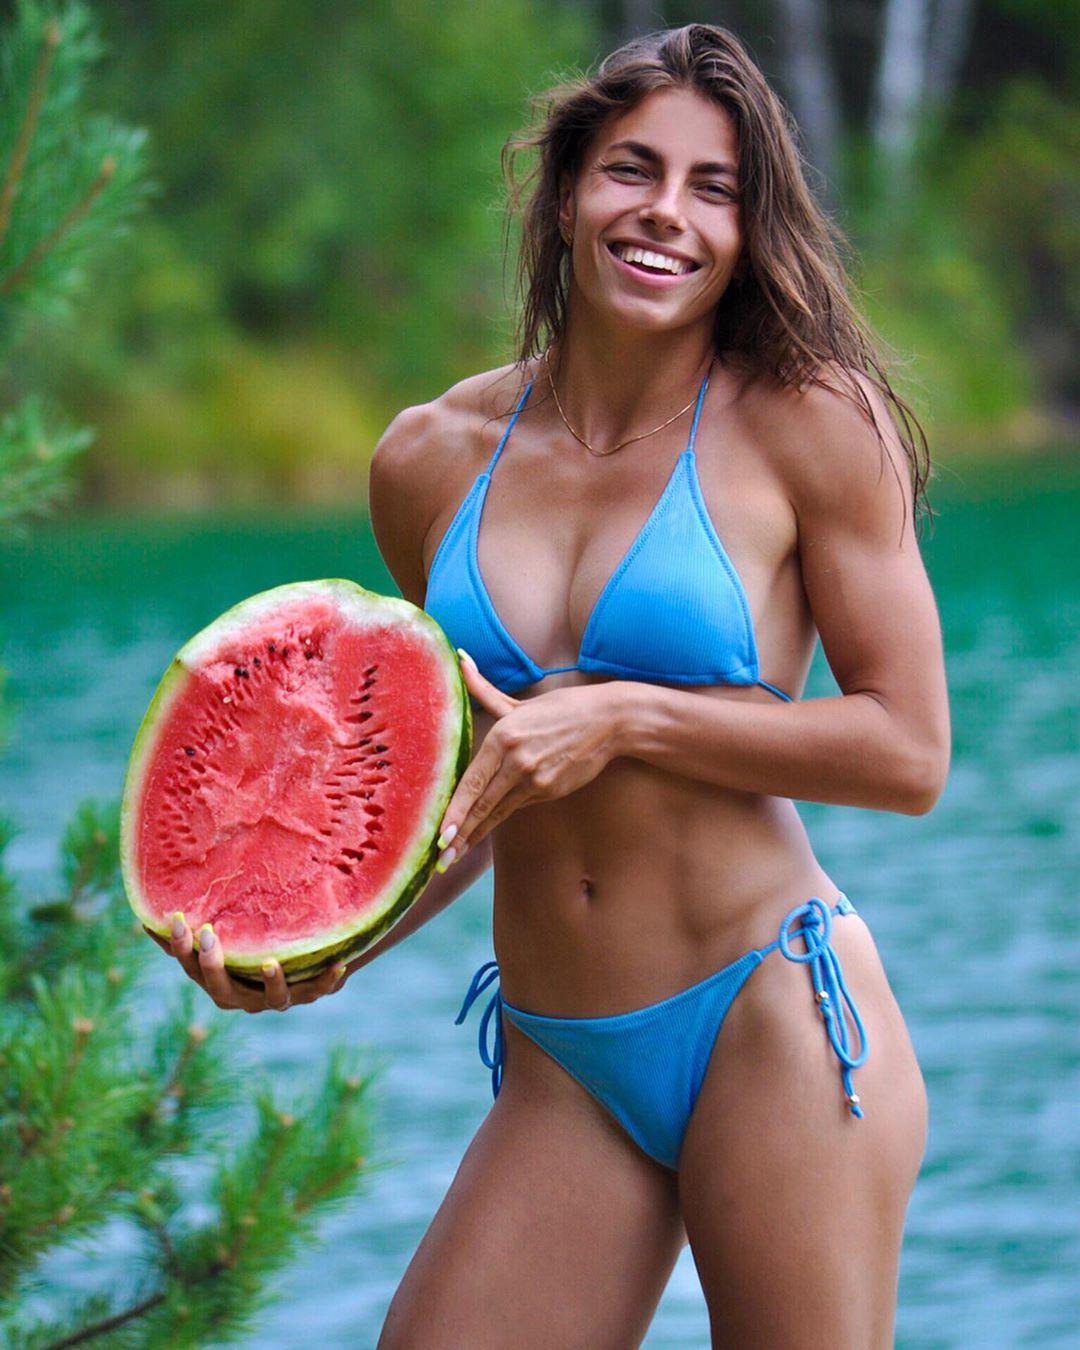 Марина Бех-Романчук снялась в оригинальной фотосессии с арбузом